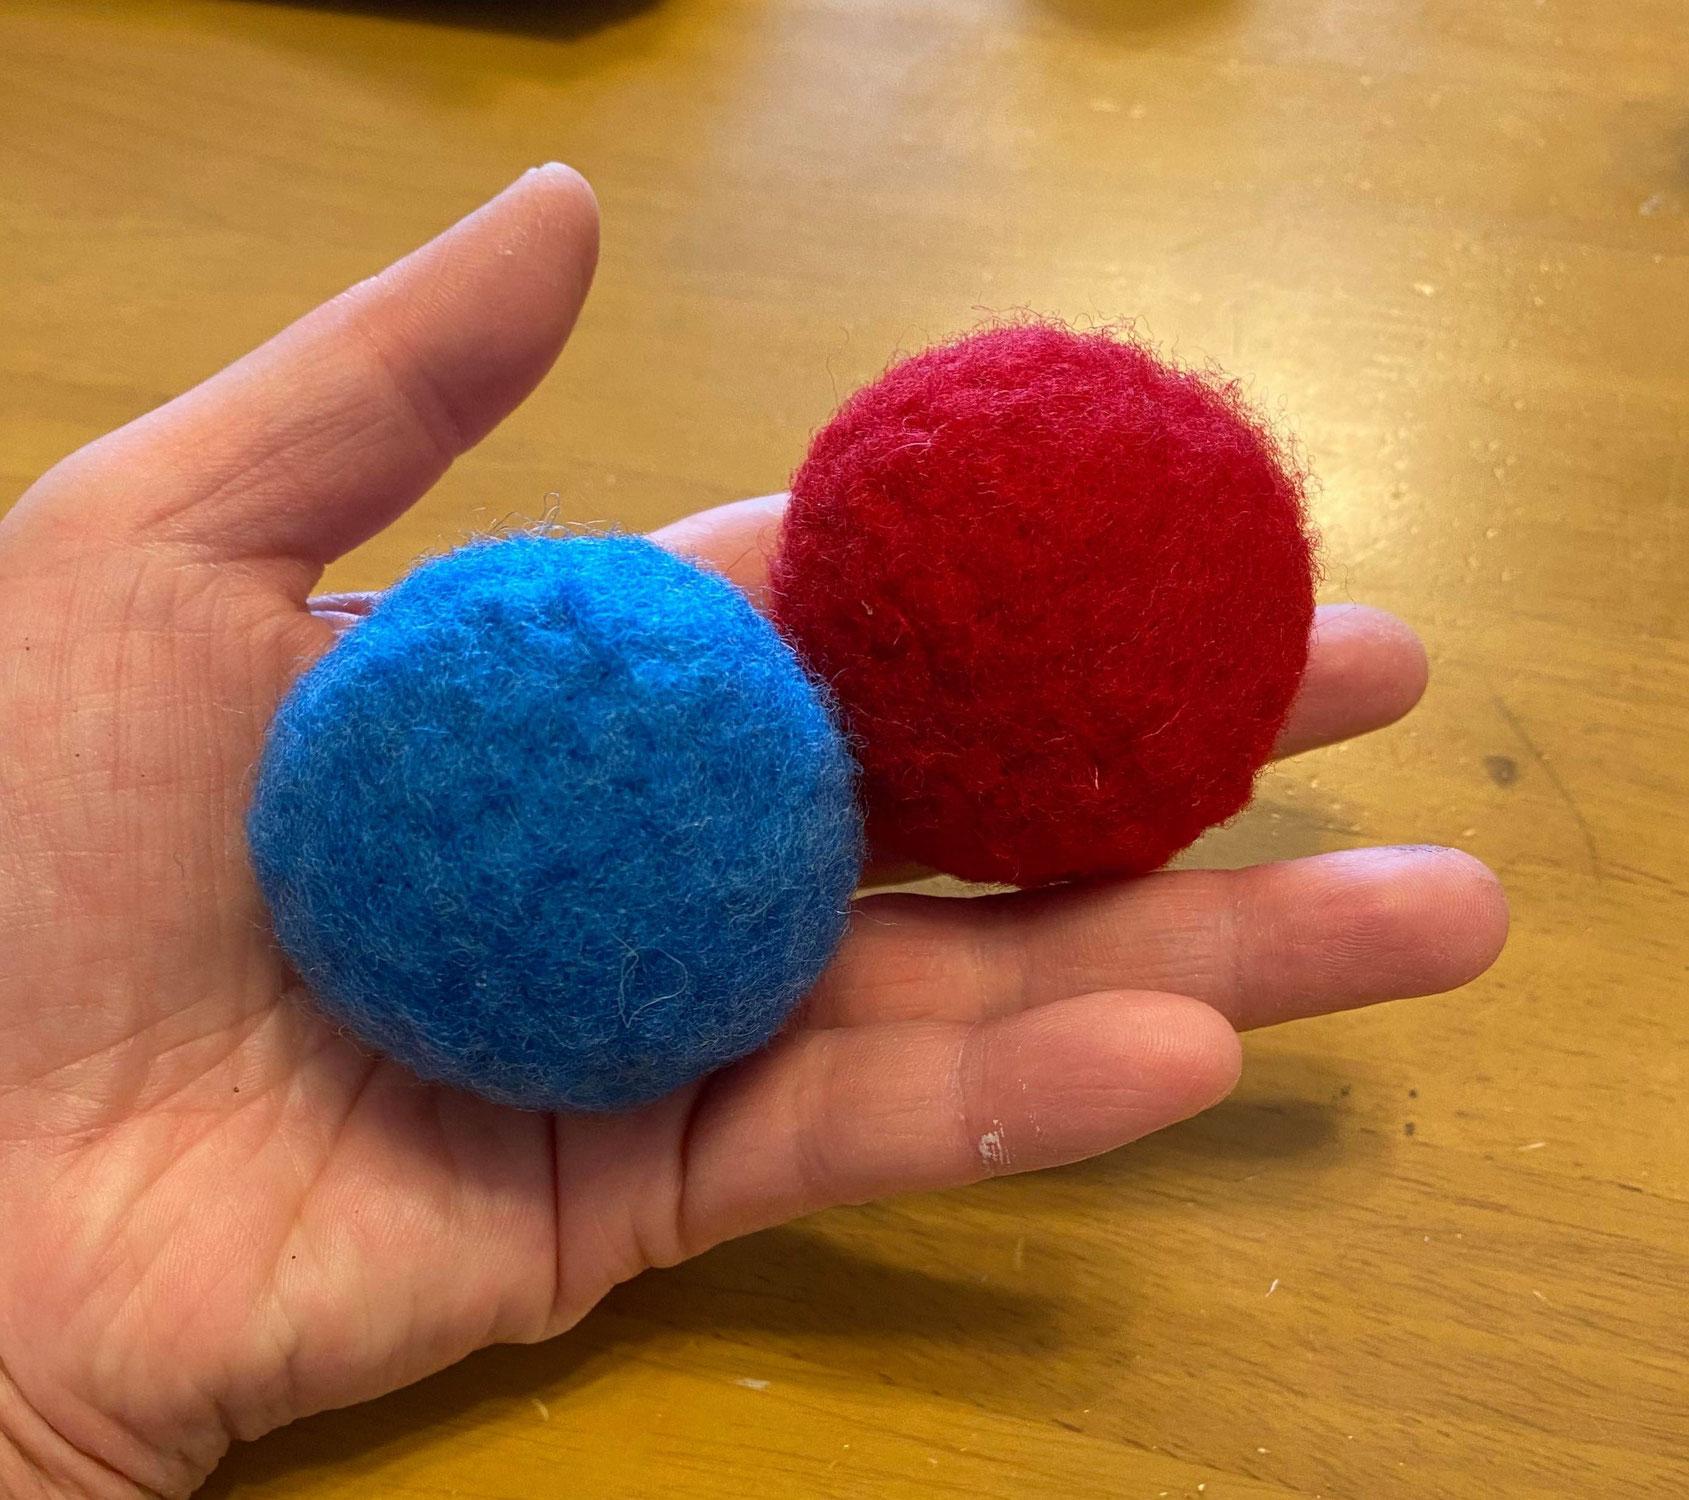 羊毛フェルトボールと算数ー小学生低学年STEAMクラス